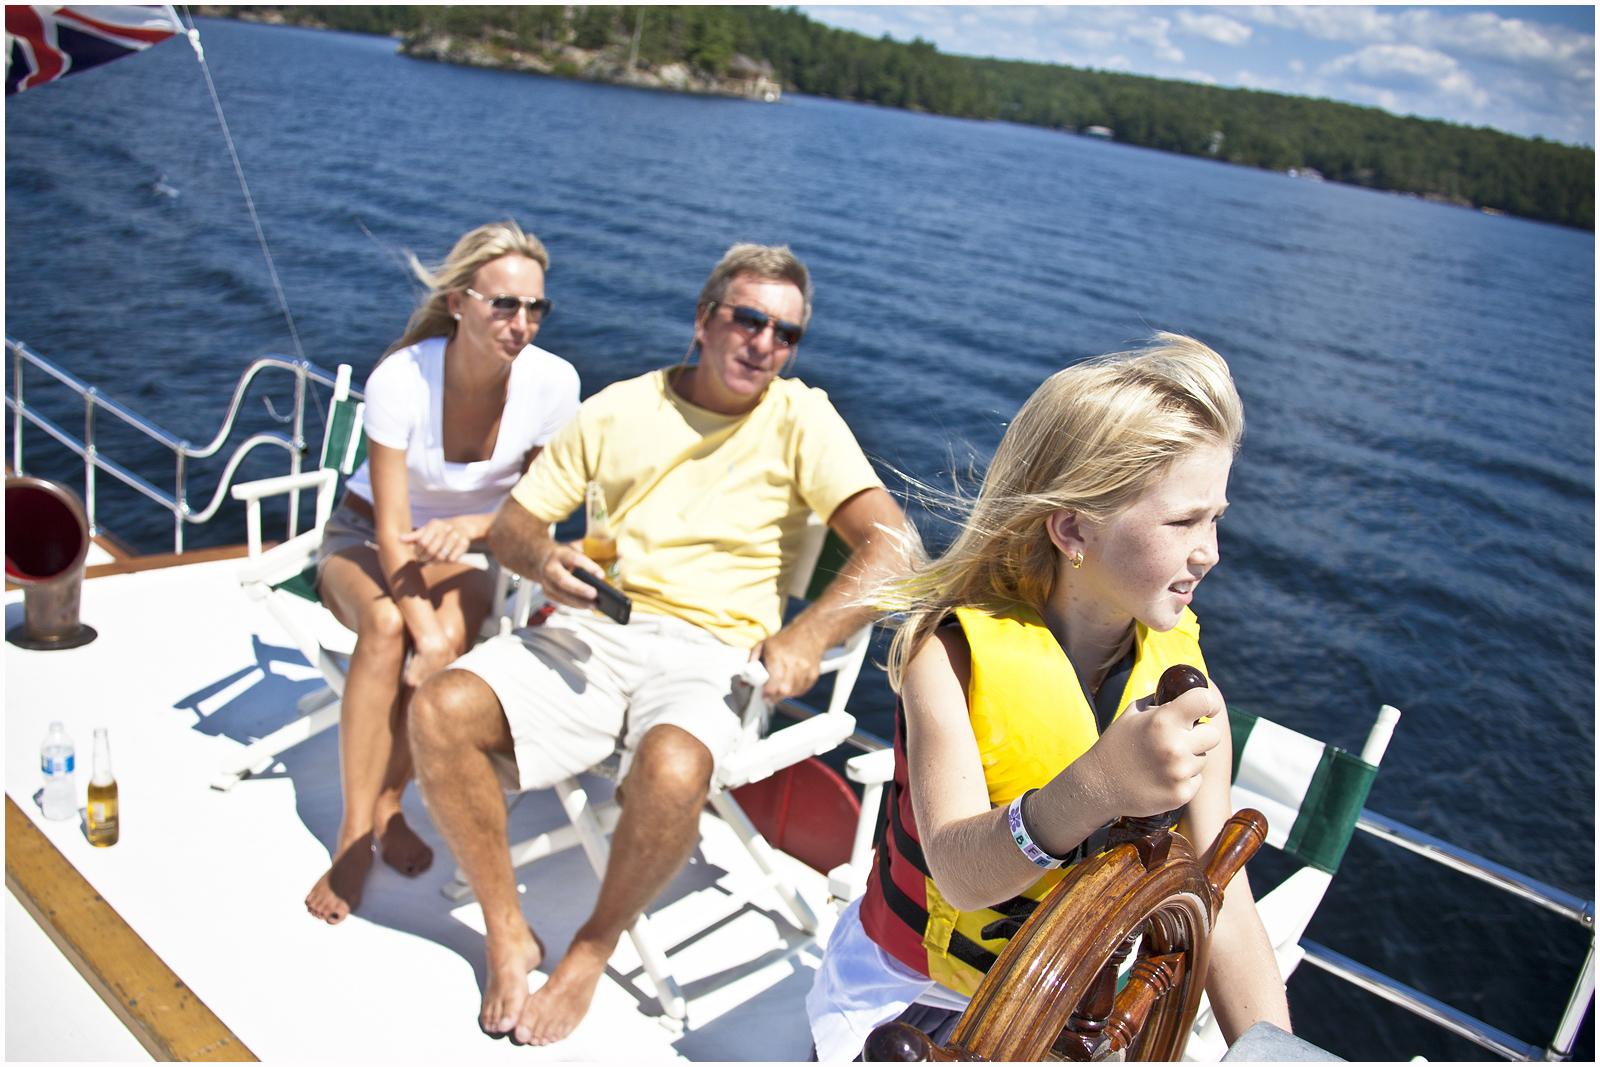 turnbull family portfolio 020.jpg